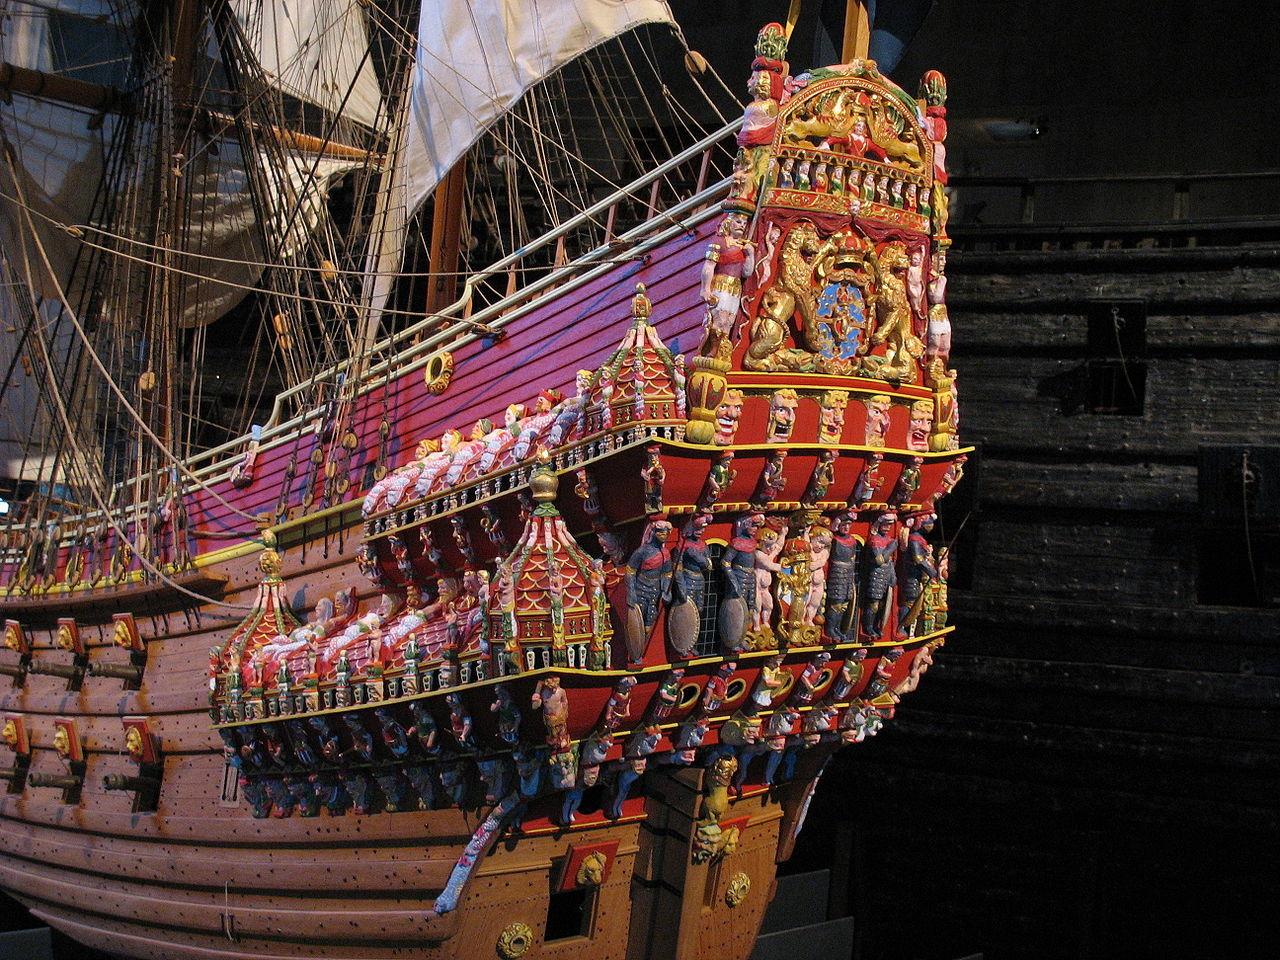 Regalskeppet Vasas systerskepp Äpplet kan vara hittat